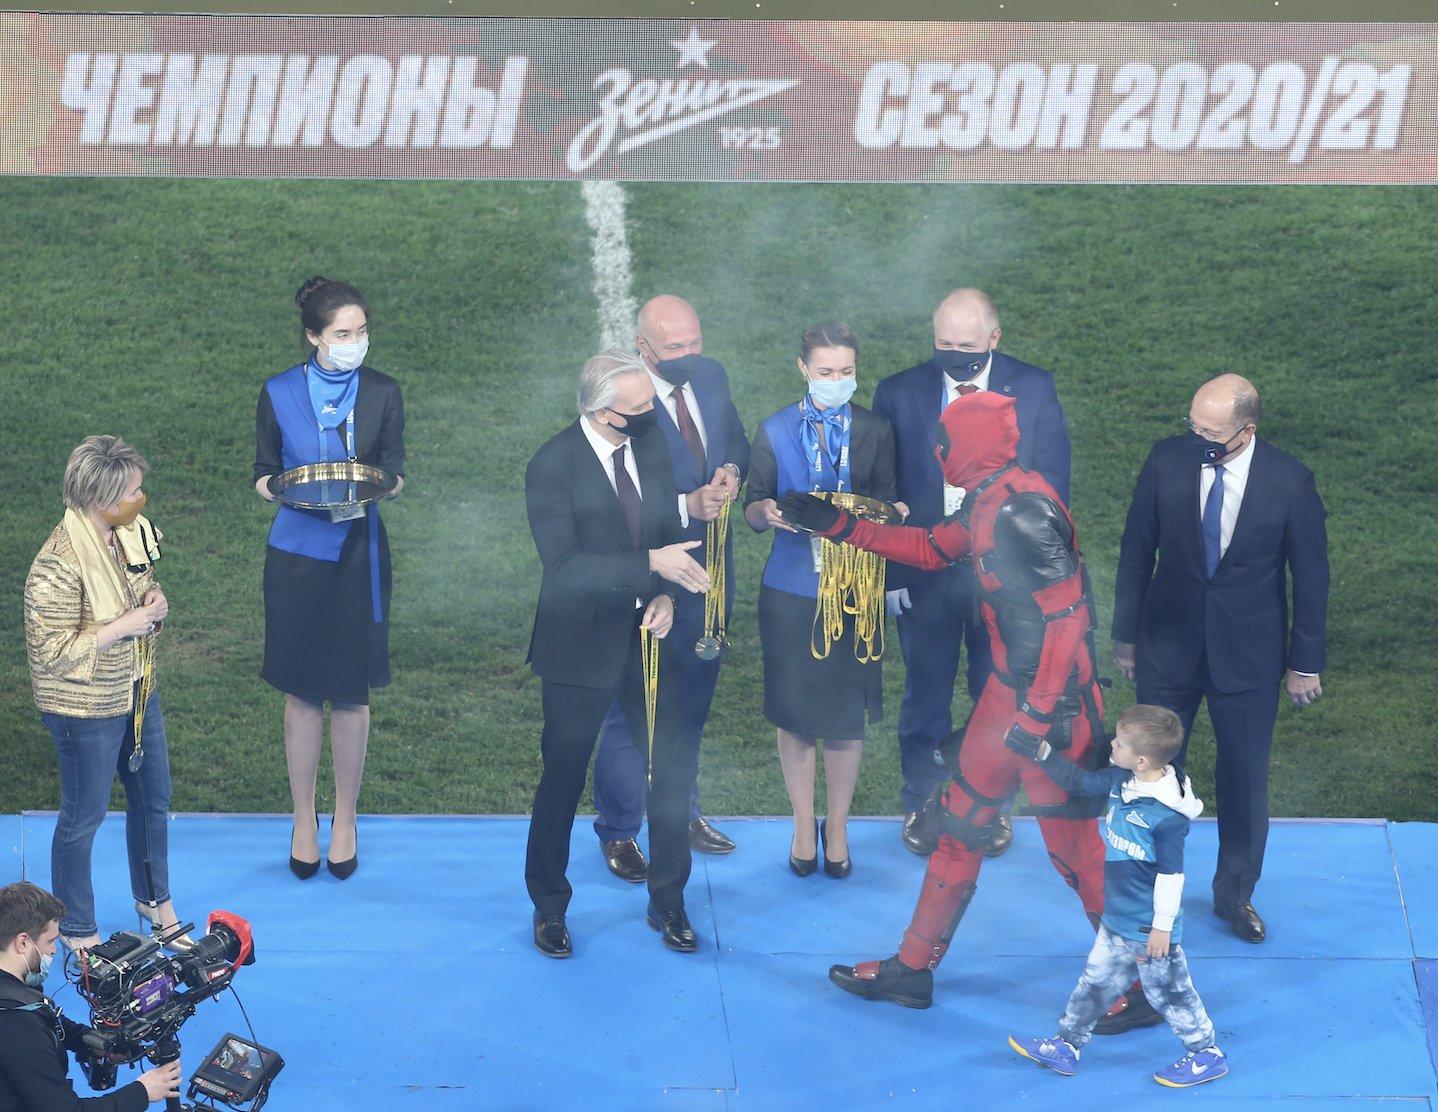 Jogador do Zenit comemora título de campeão russo vestido de Deadpool